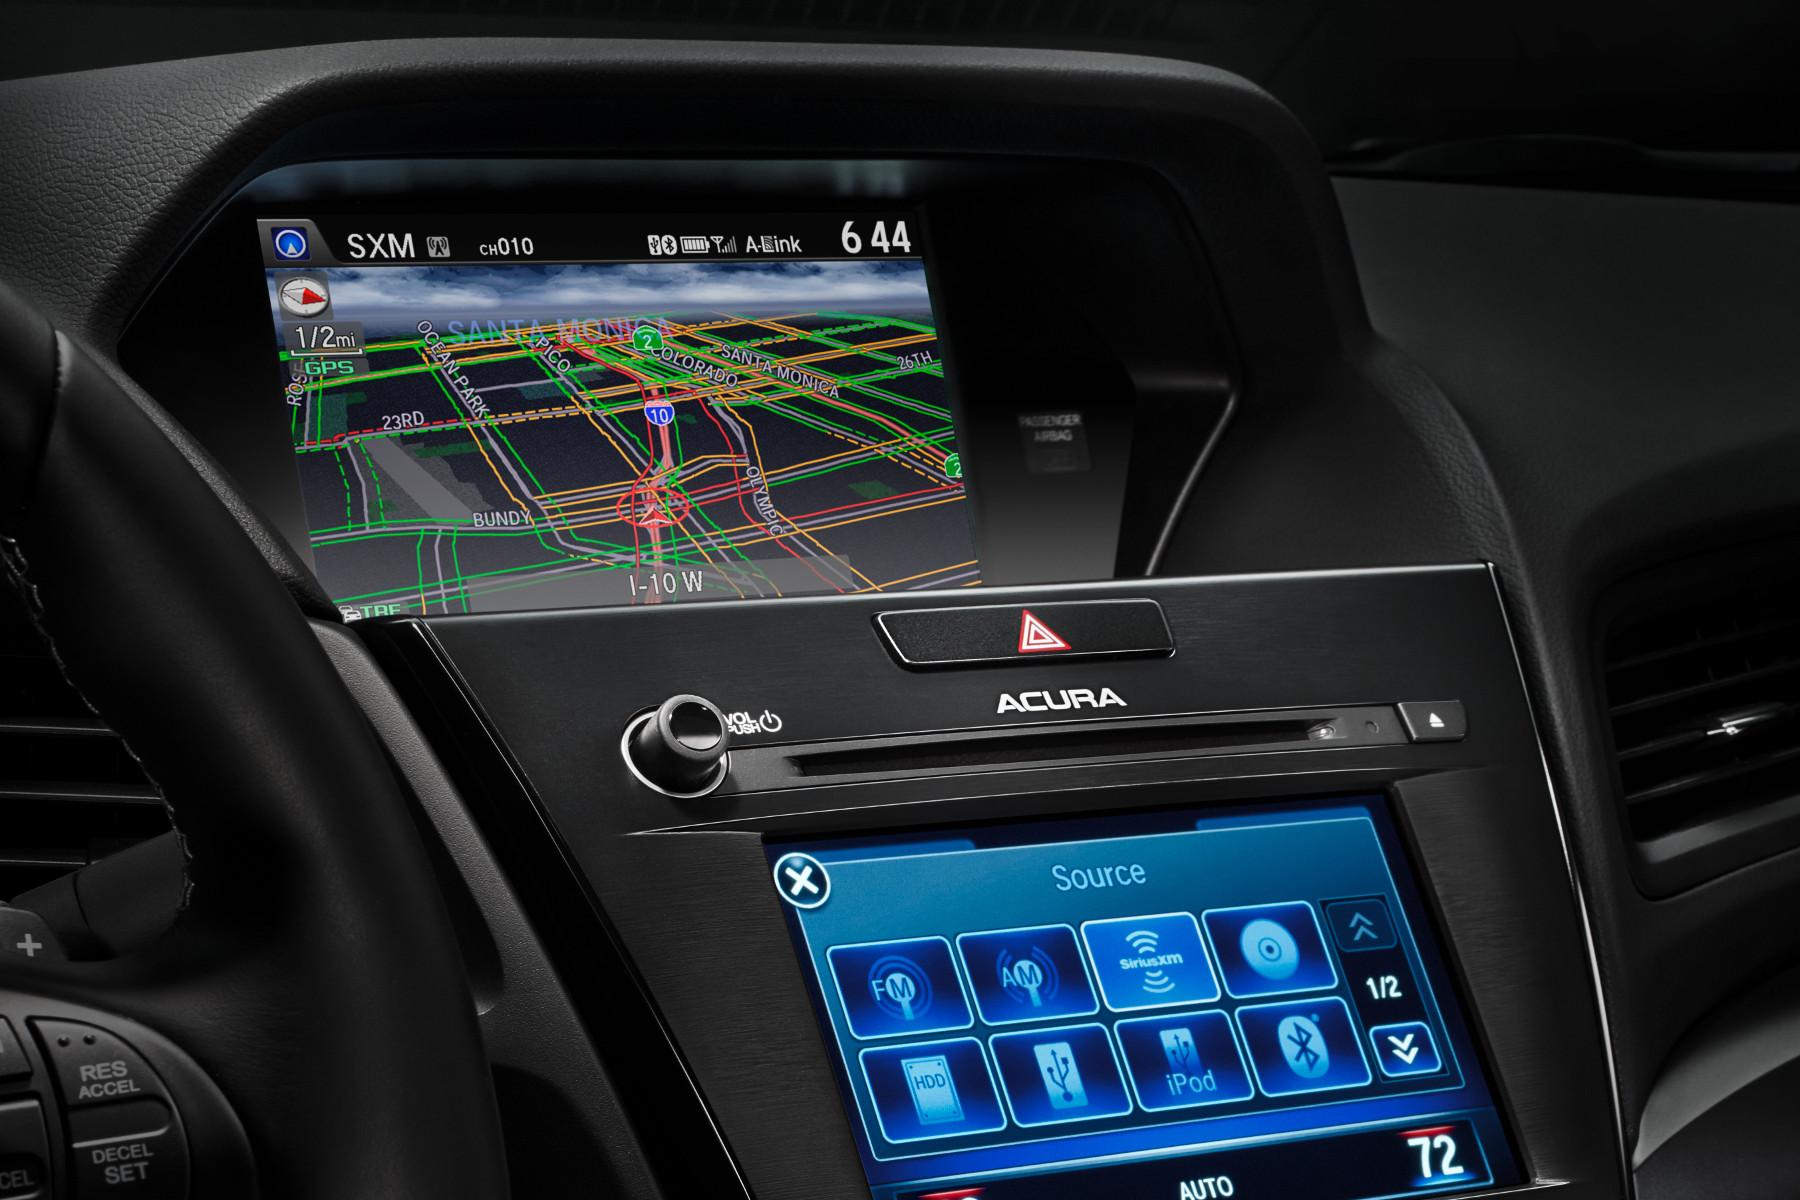 2016 ILX dual screen